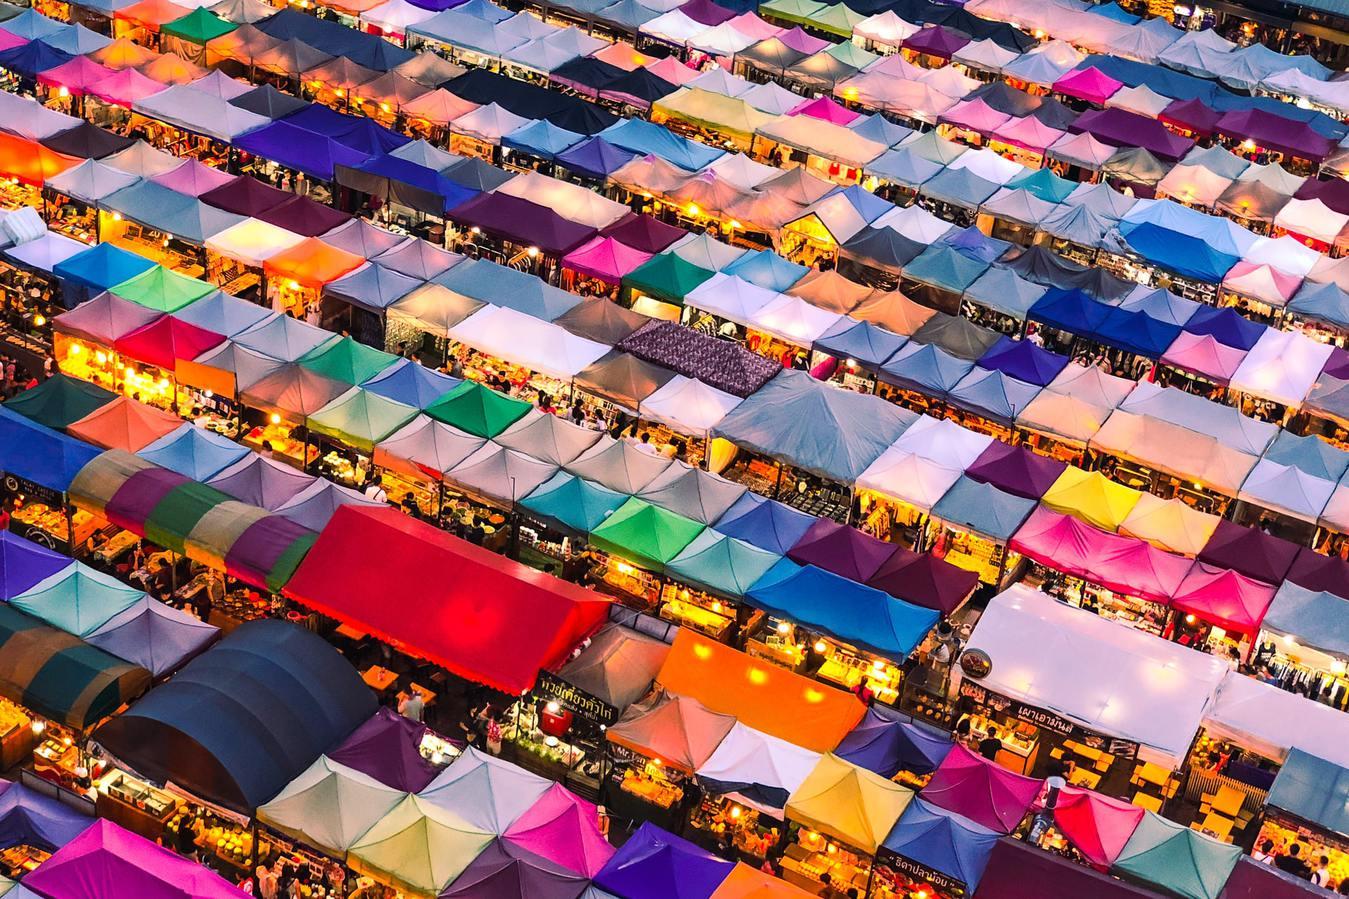 Vista dall'alto di tende del mercato colorate